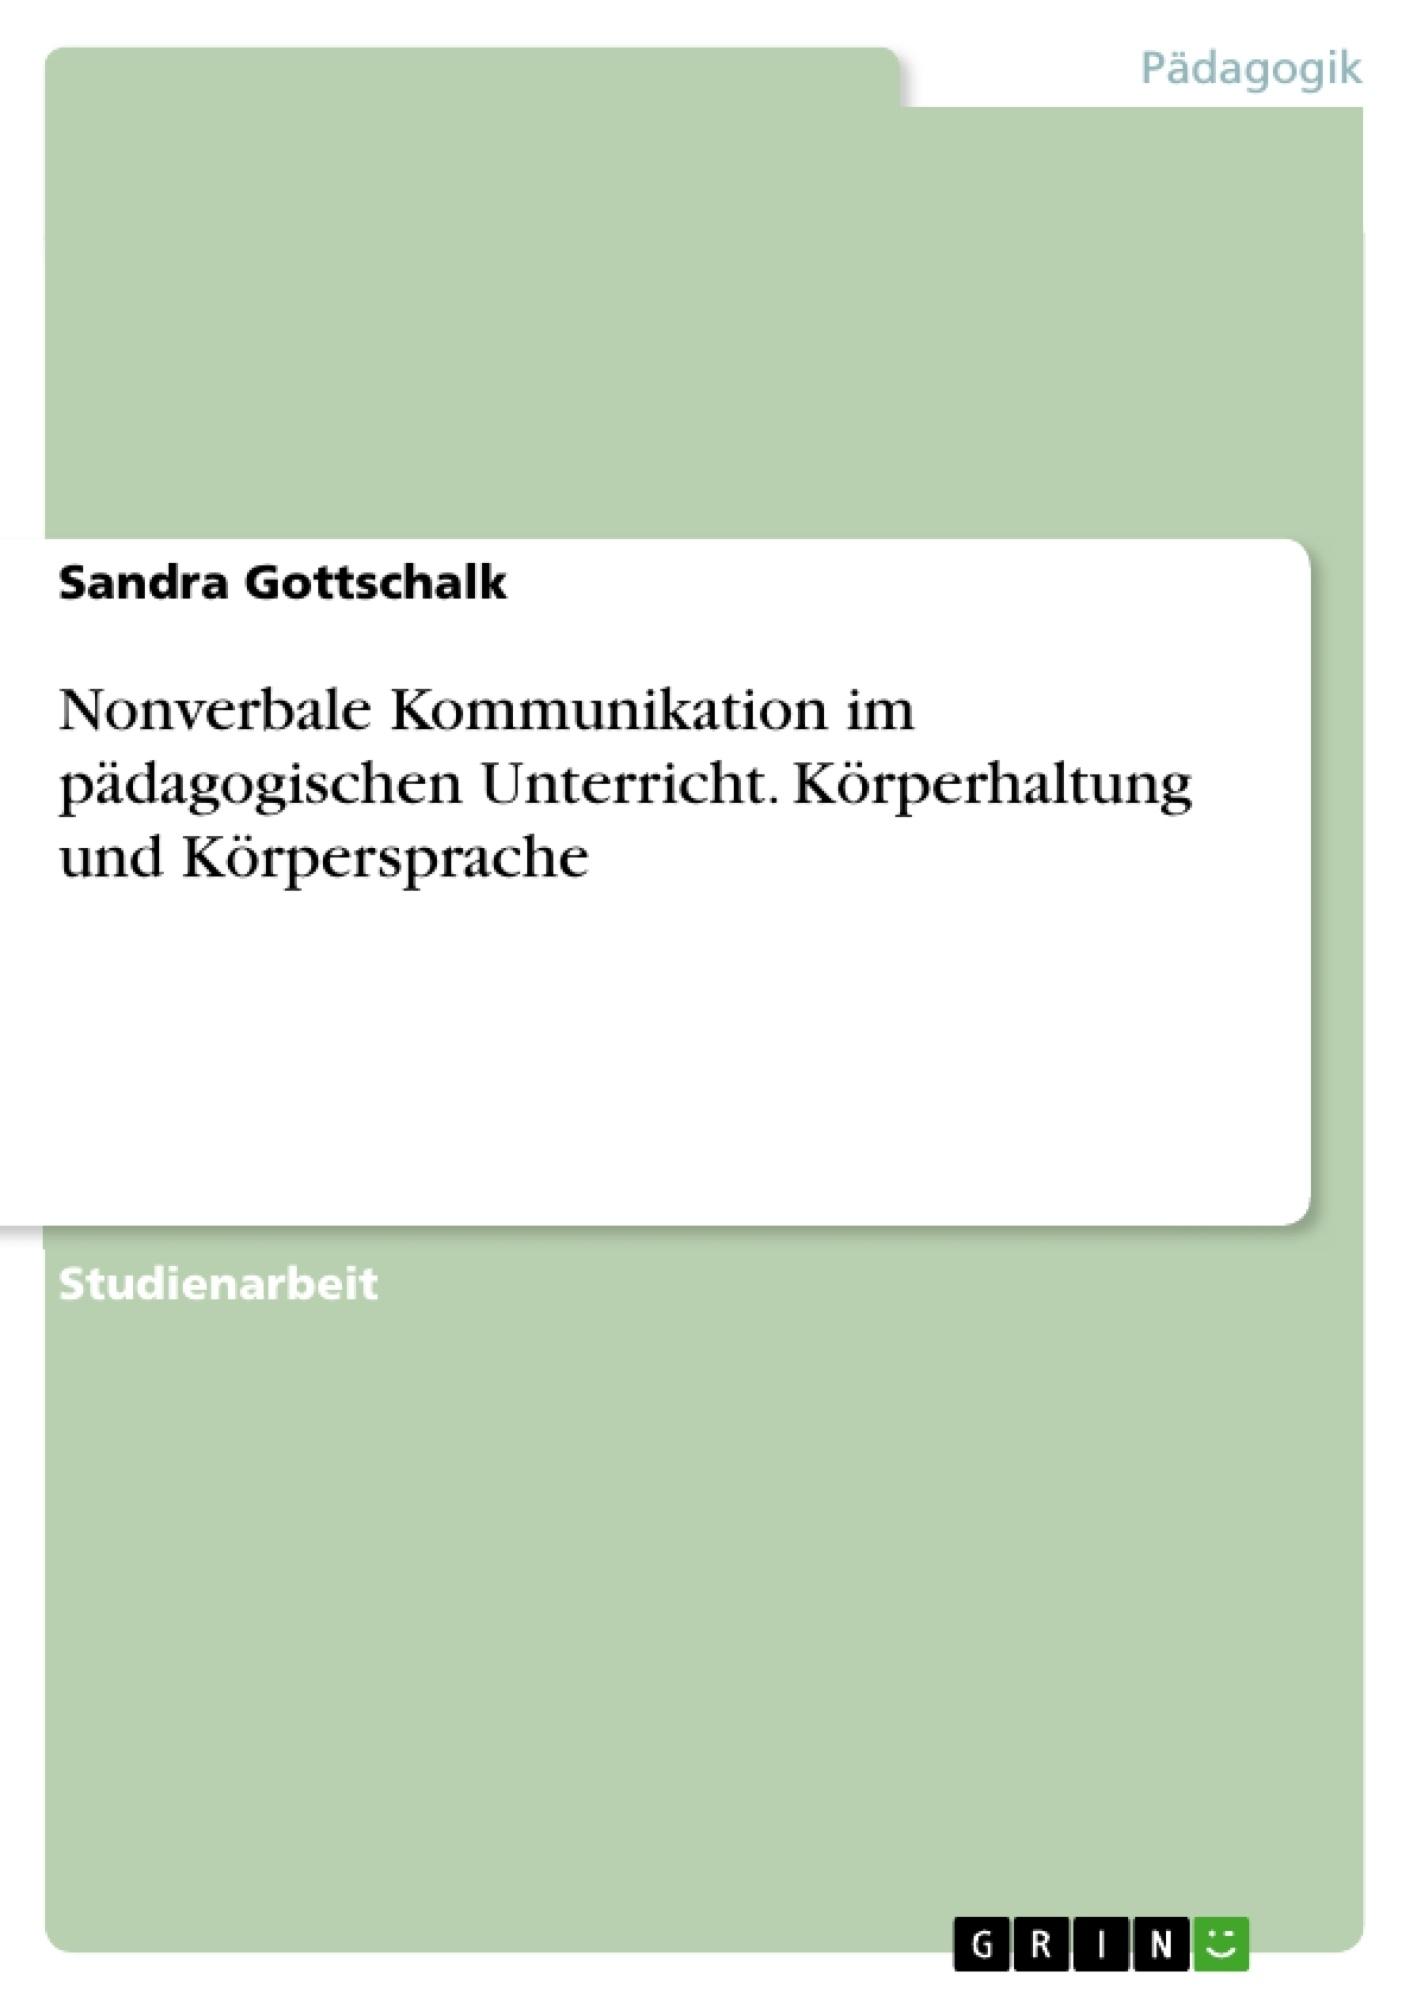 Titel: Nonverbale Kommunikation im pädagogischen Unterricht. Körperhaltung und Körpersprache